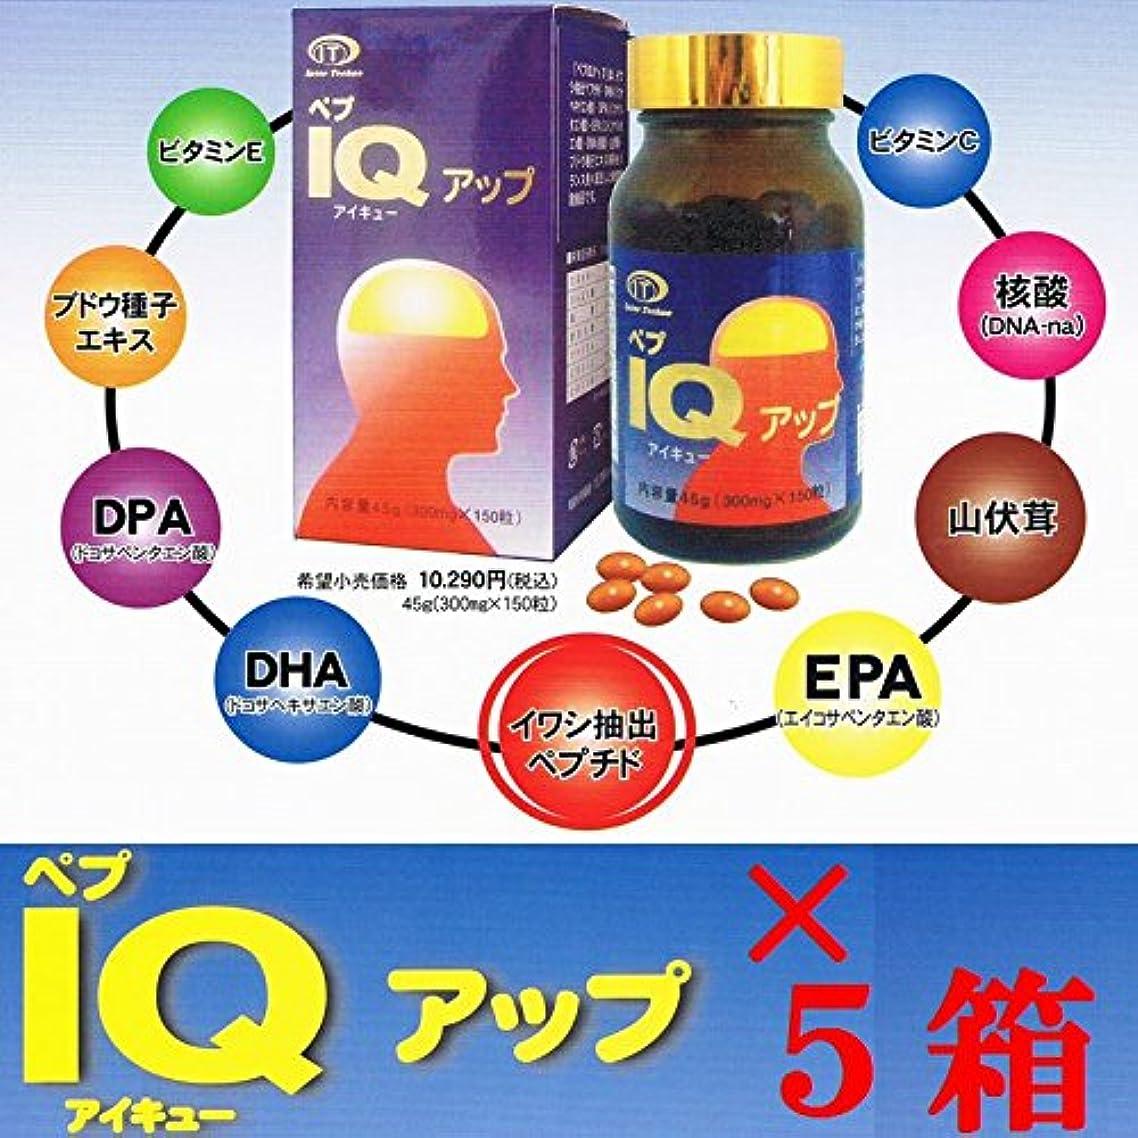 多様体ダイジェスト感動するペプIQアップ 150粒 ×超お得5箱セット 《記憶?思考、DHA、EPA》